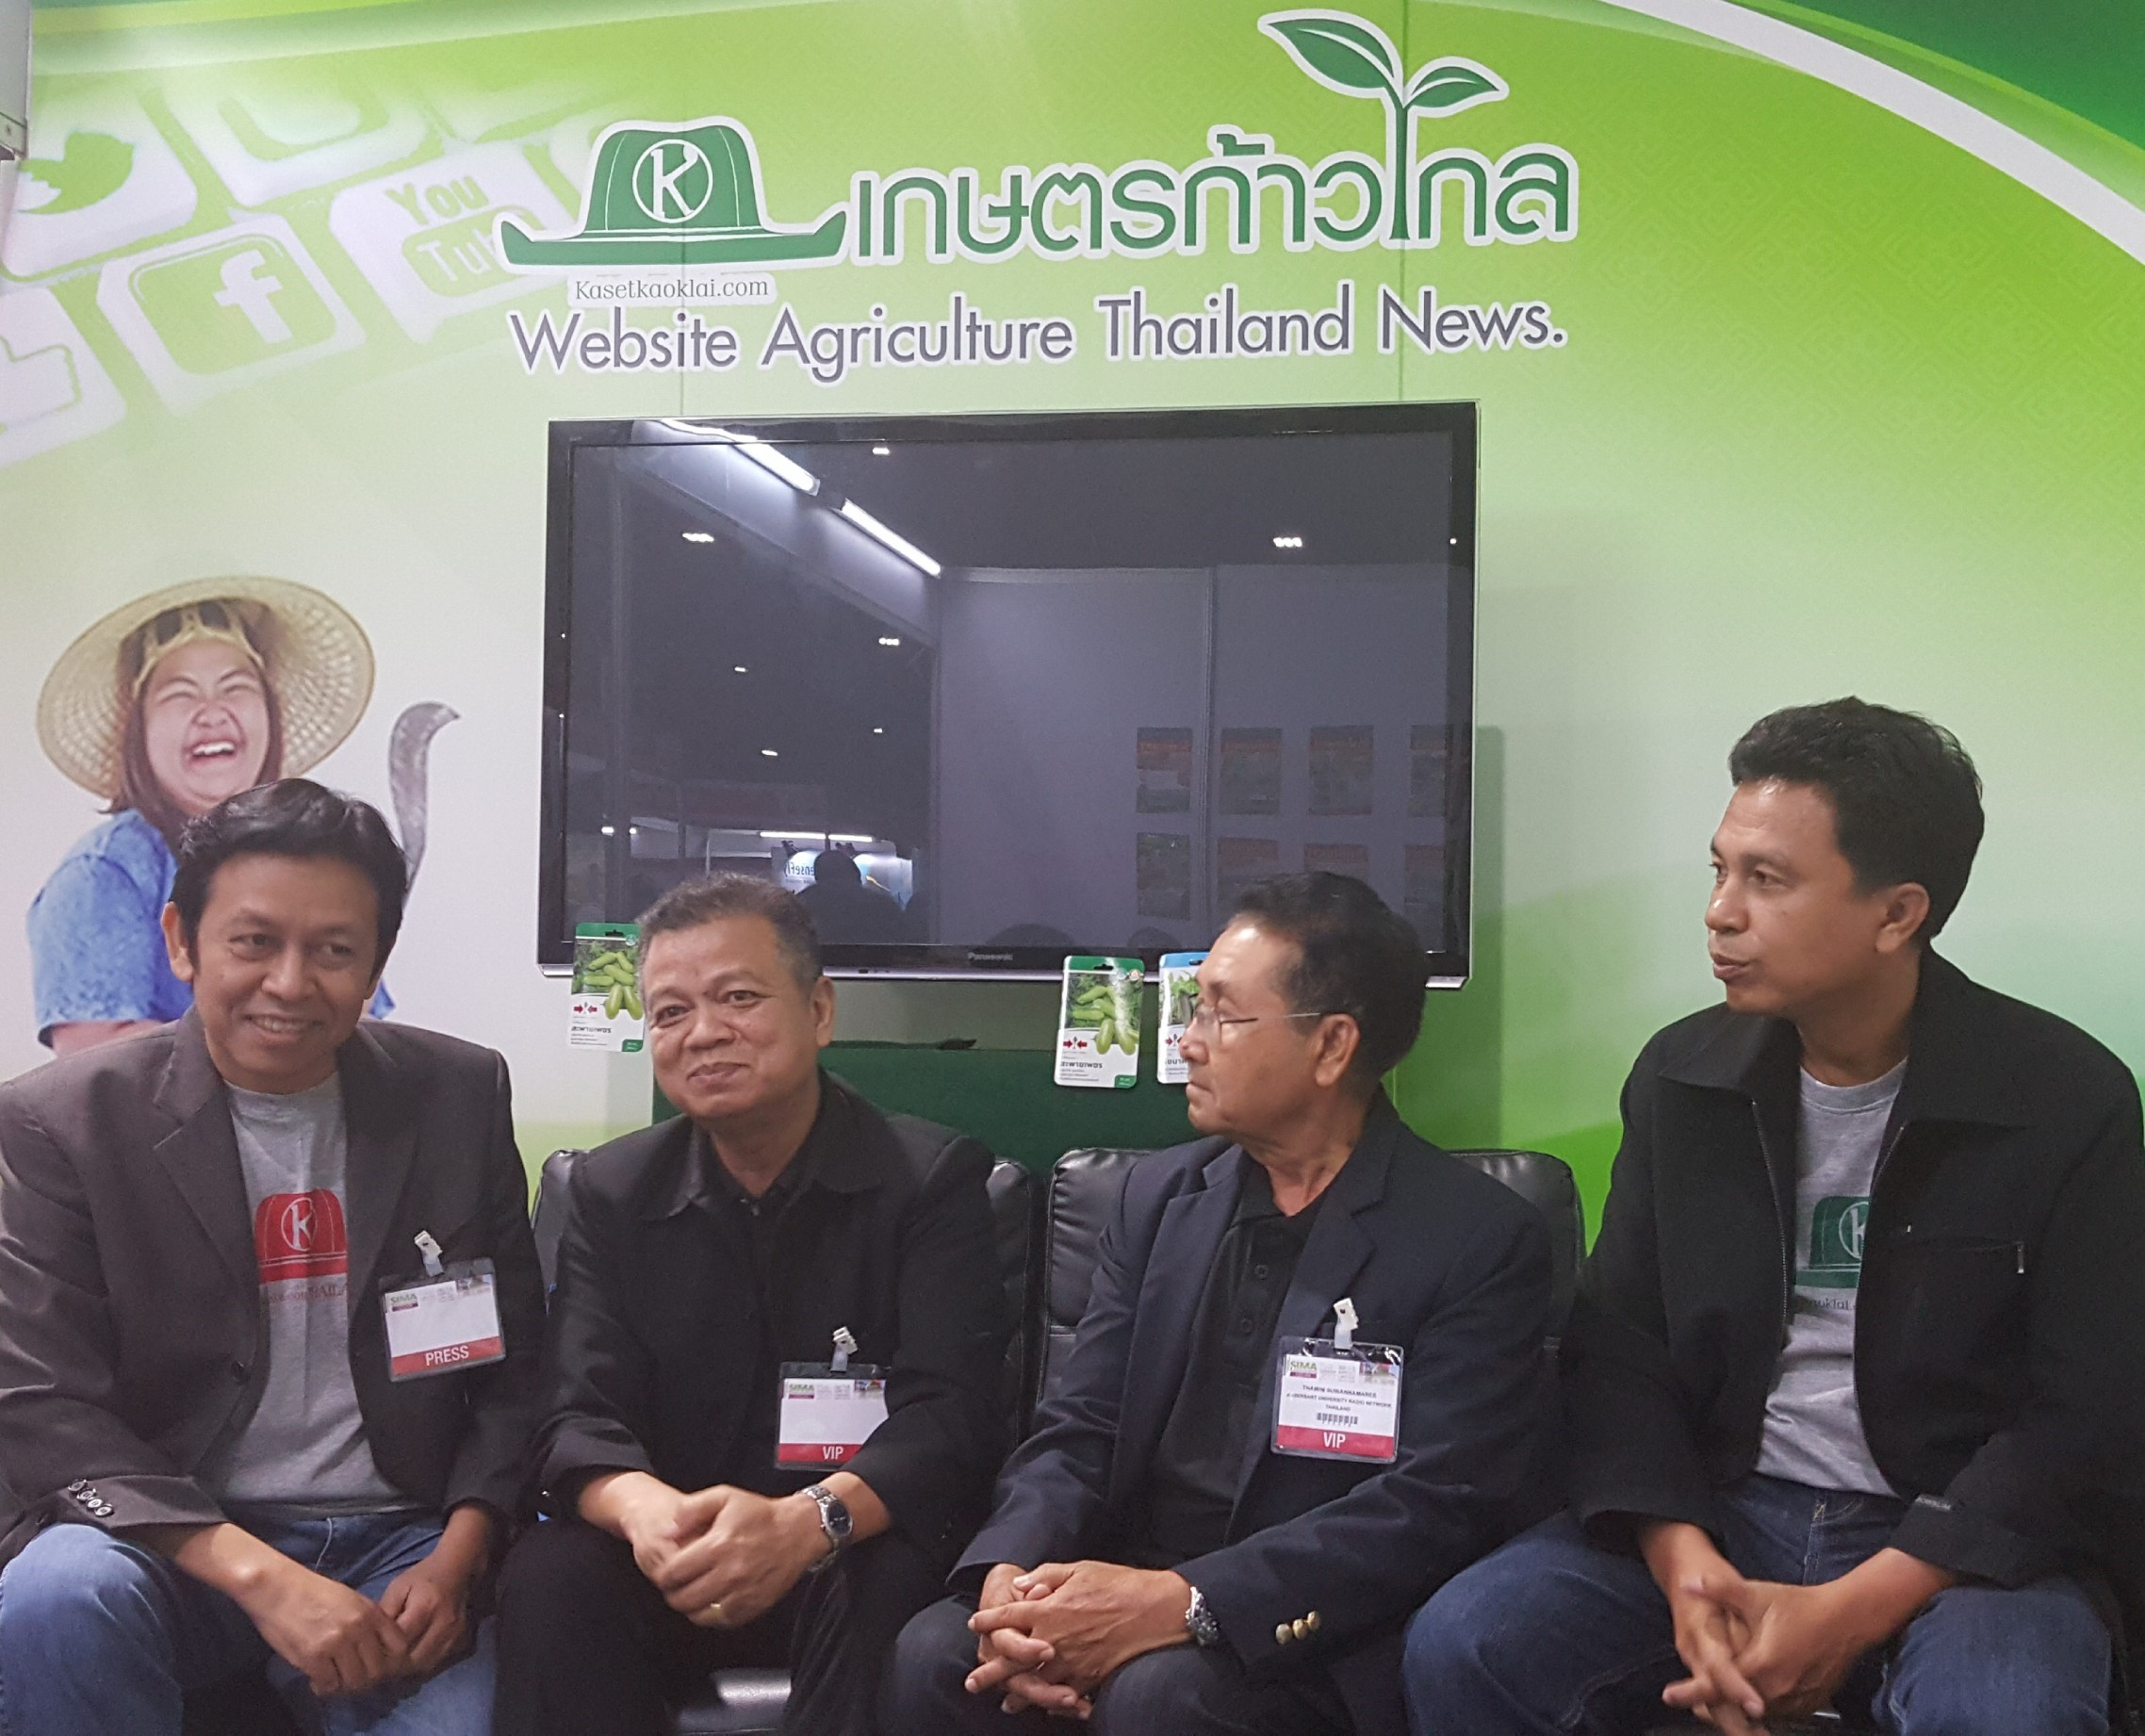 อ.ธีรวัฒน์ วงศ์วรทัต (คนที่  2 ซ้ายมือ) นายกสมาคมกาแฟและชาไทย และ อ.ถวิล สุวรรณมณี (คนที่  2 ขวามือ) อดีตนายกสมาคมสื่อมวลชนเกษตรแห่งประเทศไทย ให้เกียรติมาร่วมเสวนาเรื่อง เกษตรไทย  4.0